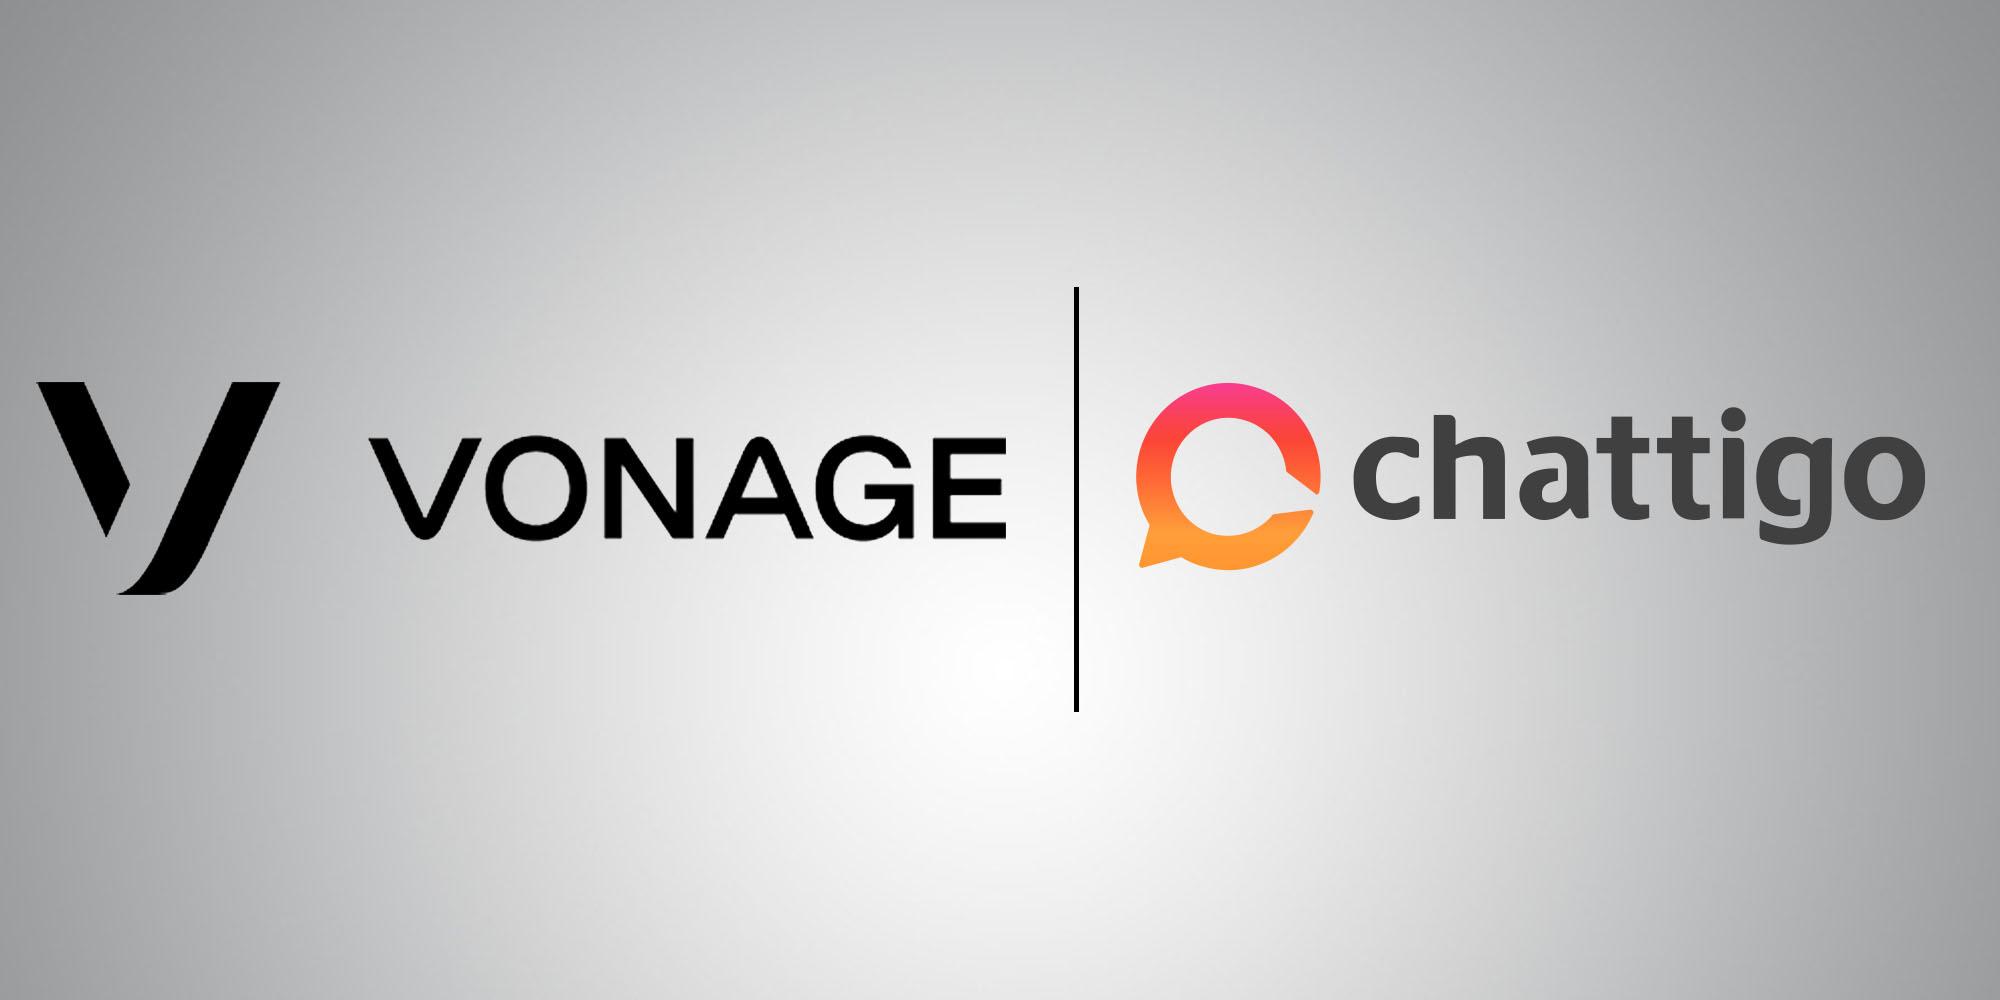 Premio Vonage a chattigo por su rápido crecimiento